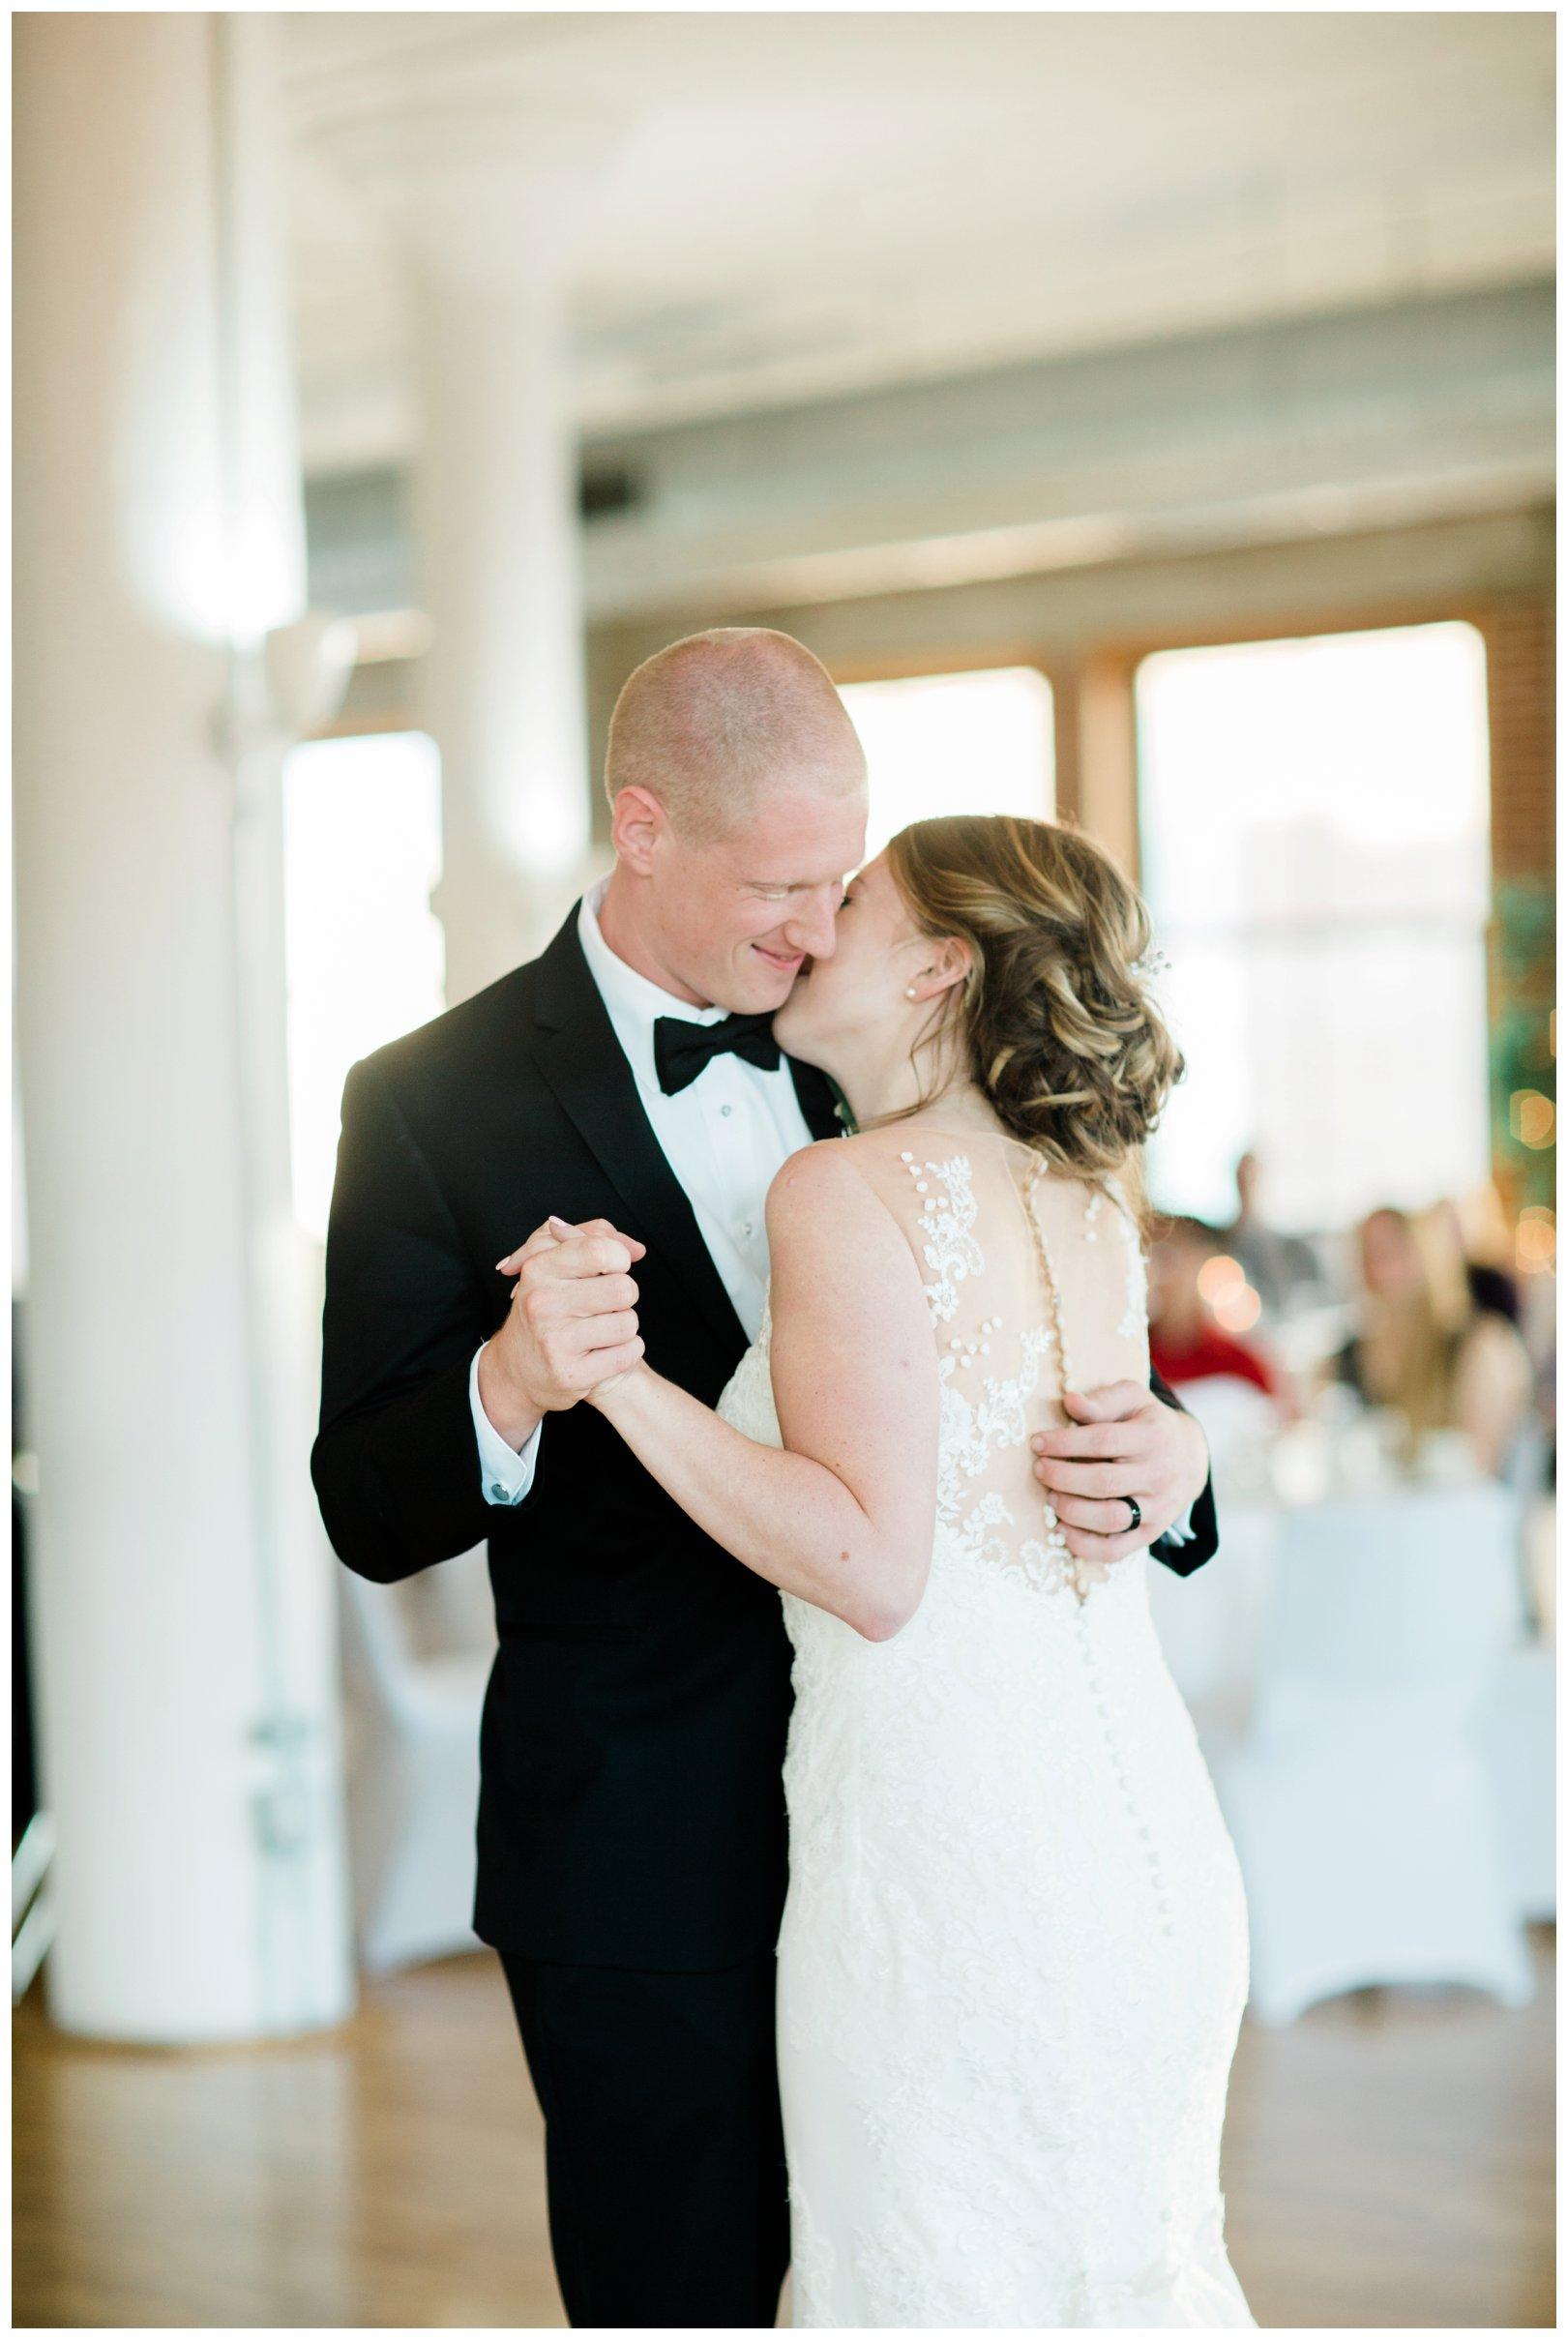 lauren muckler photography_fine art film wedding photography_st louis_photography_1335.jpg